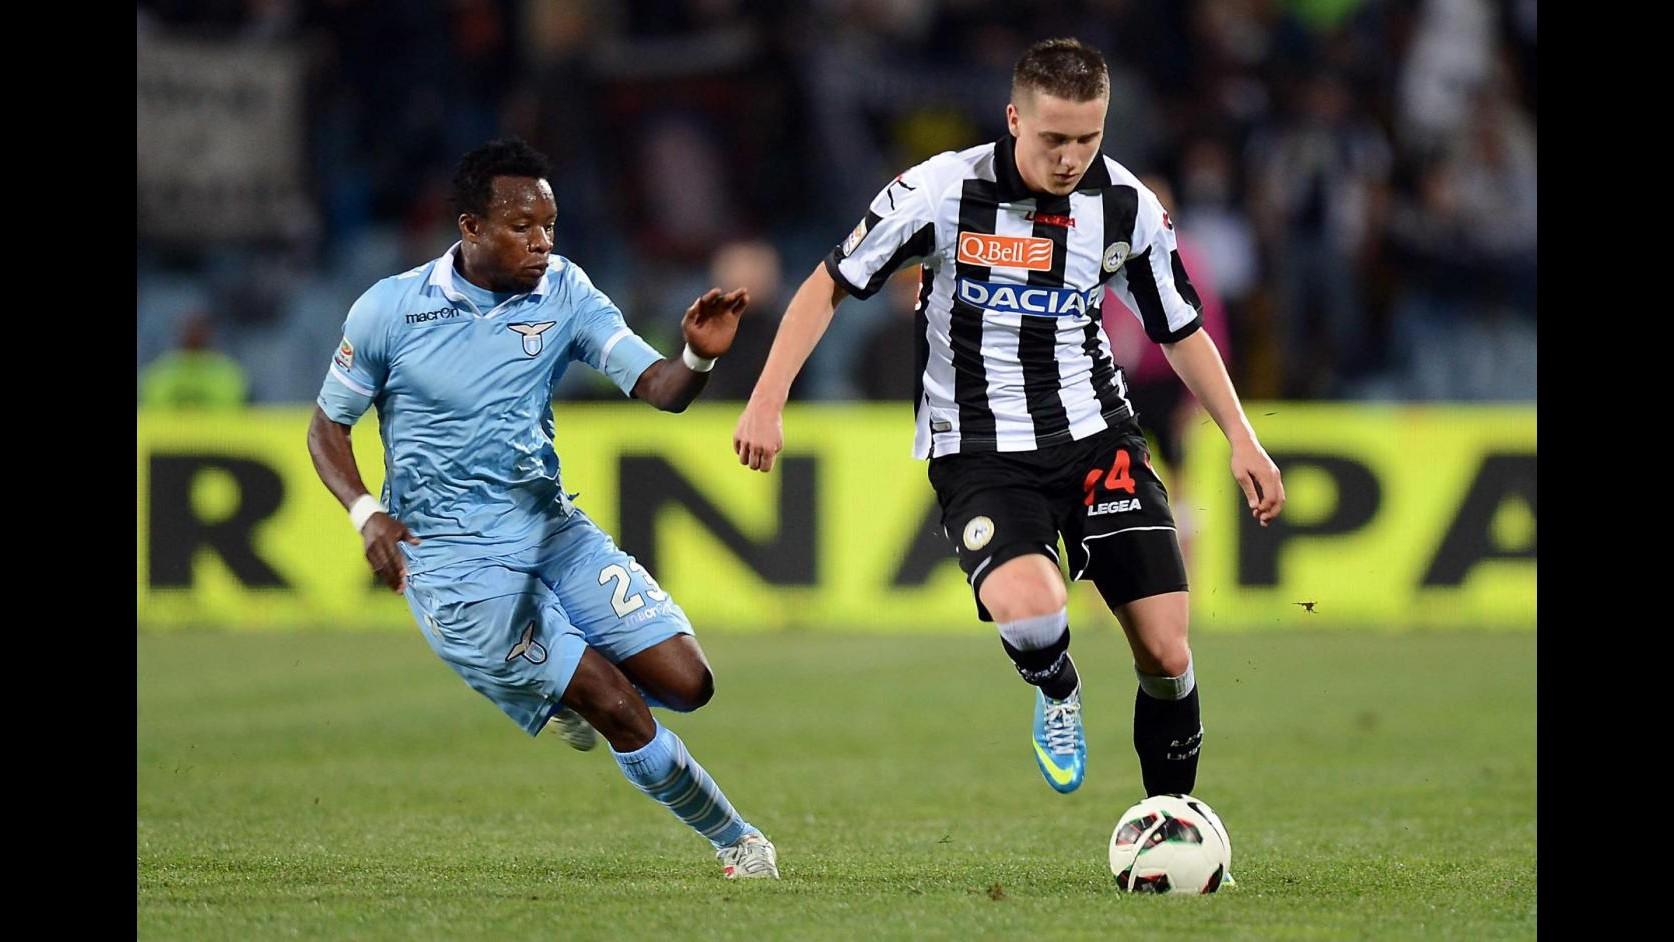 Calcio, Zielinski: Contento per fiducia Udinese, ora pensiamo ad Europa